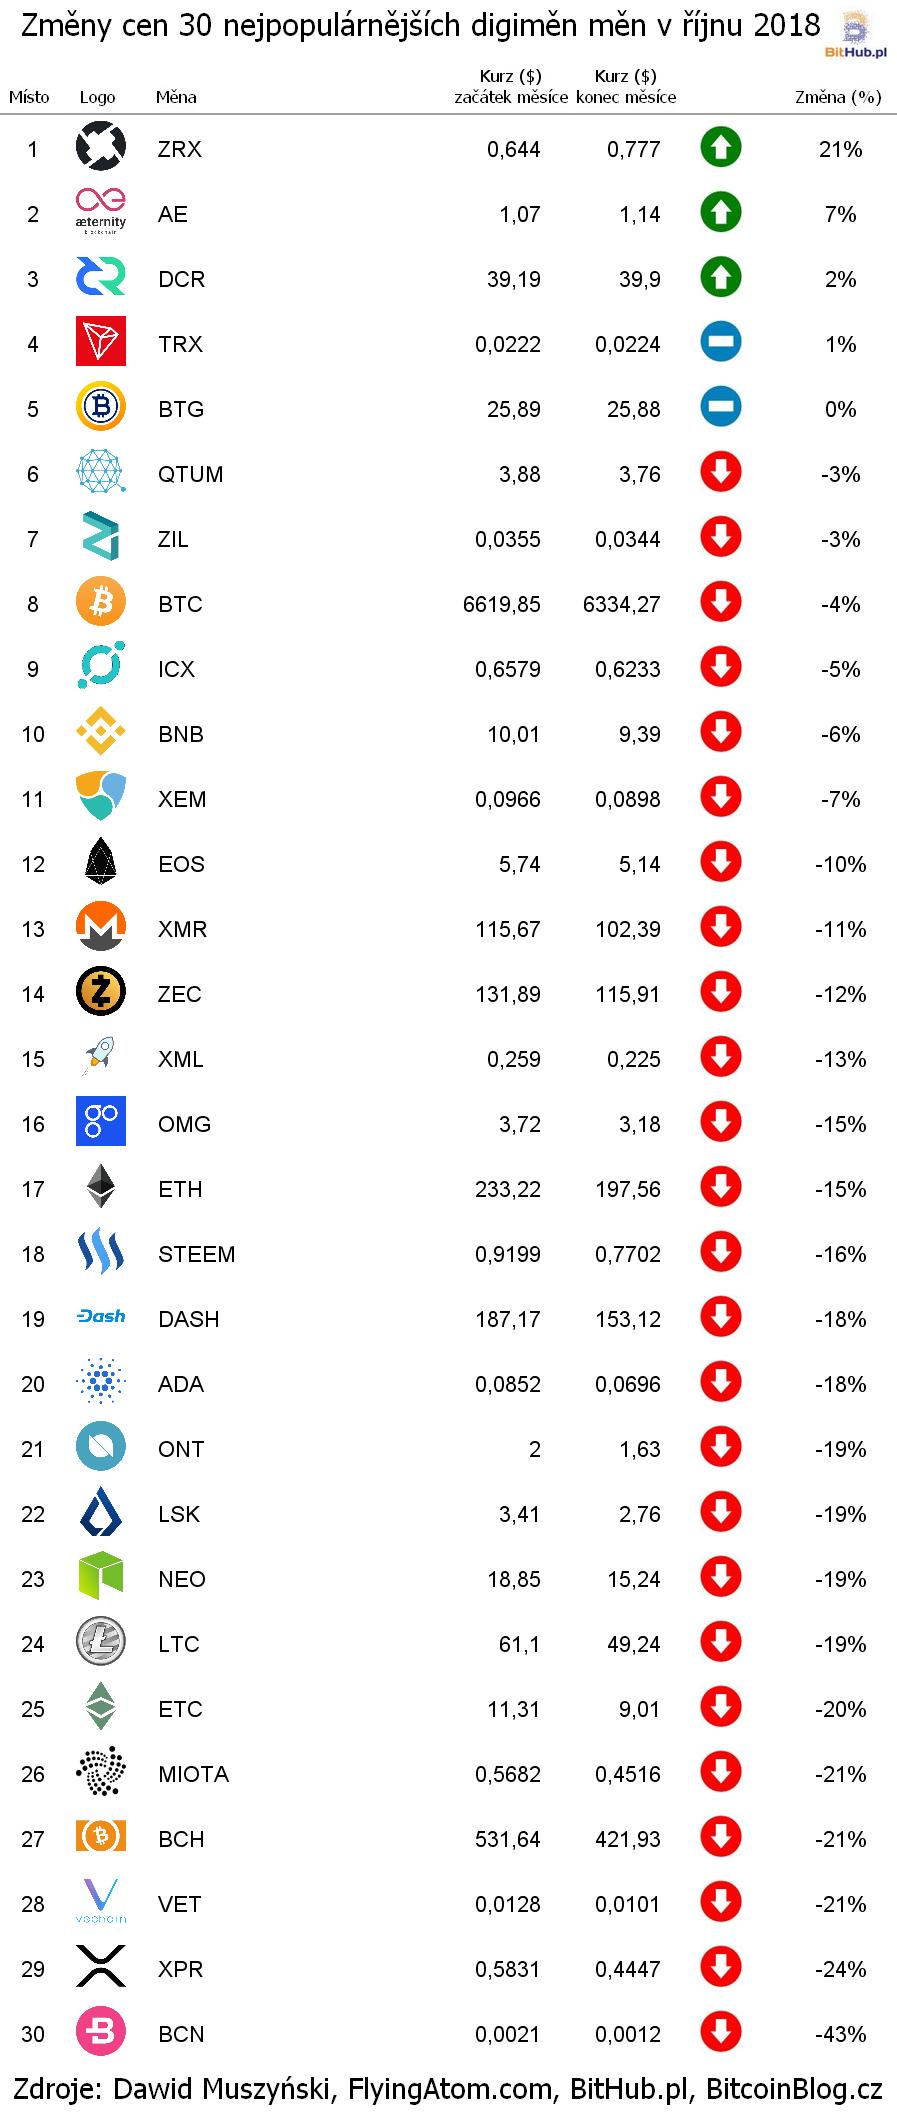 Změny cen 30 nejpopulárnějších digiměn (žebříček za říjen 2018)